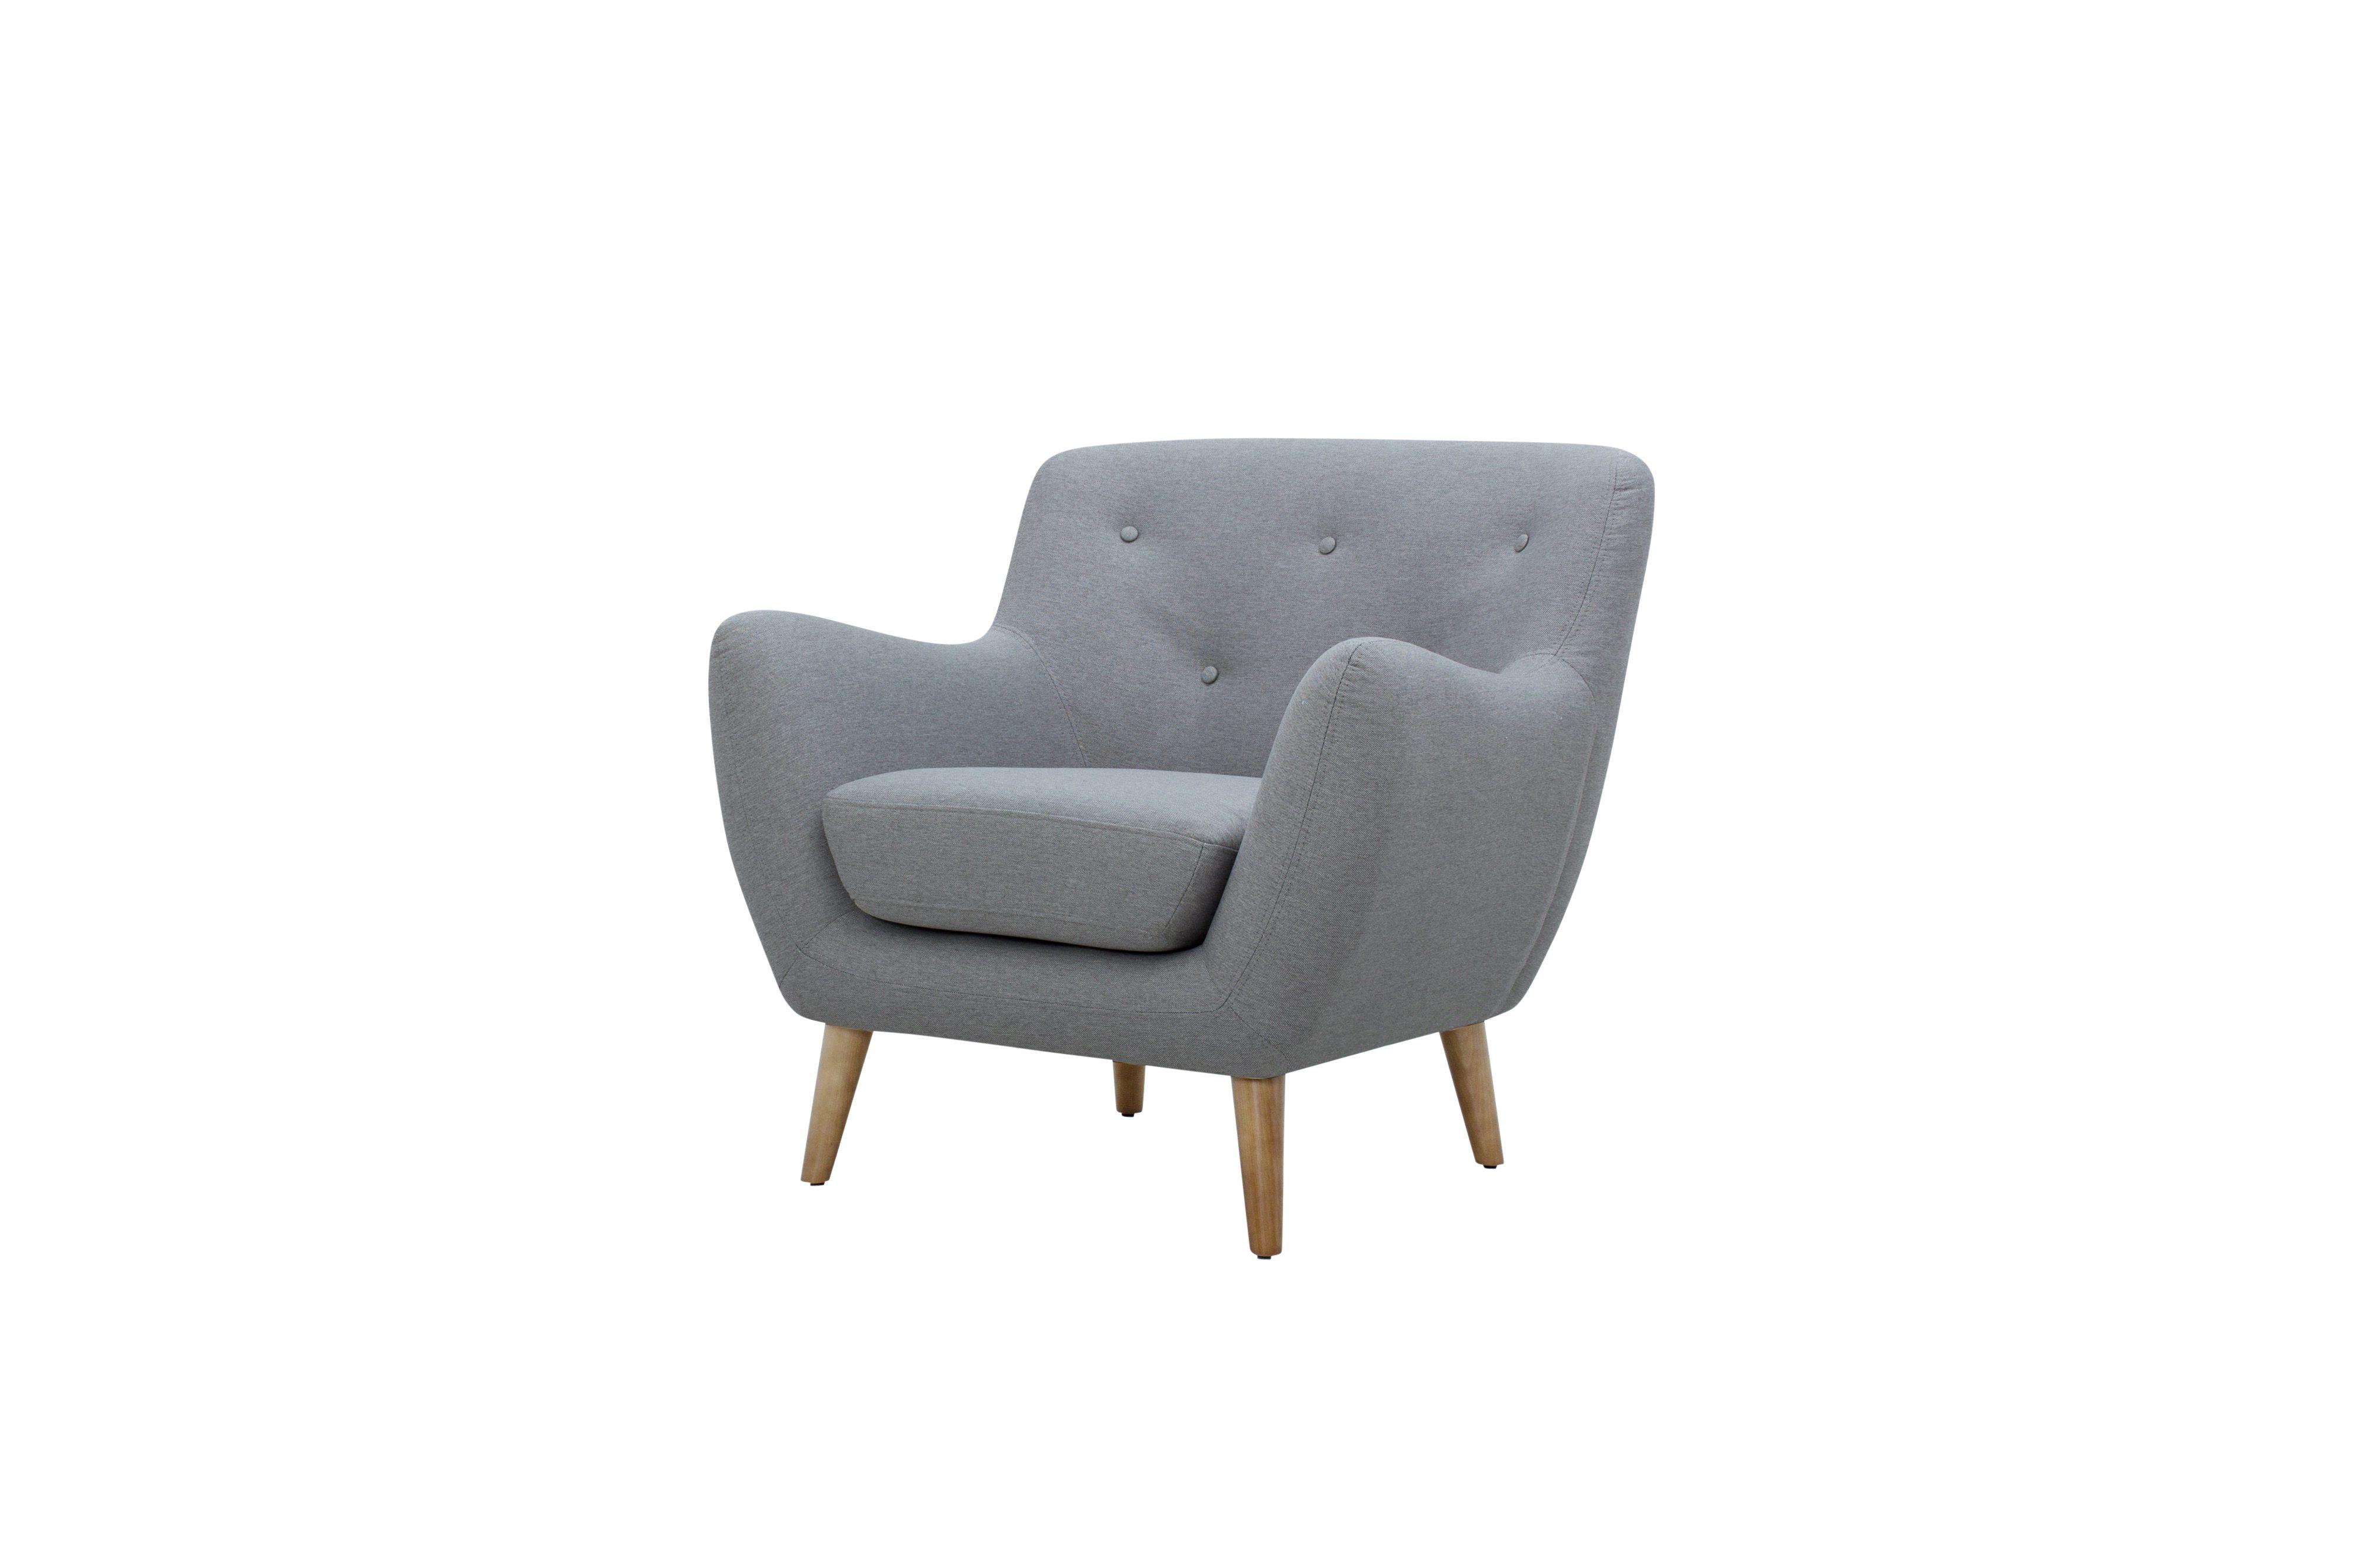 Craquez pour sa couleur originale, le fauteuil scandinave MILO tissu gris  clair - BUT 3cce297c91e9